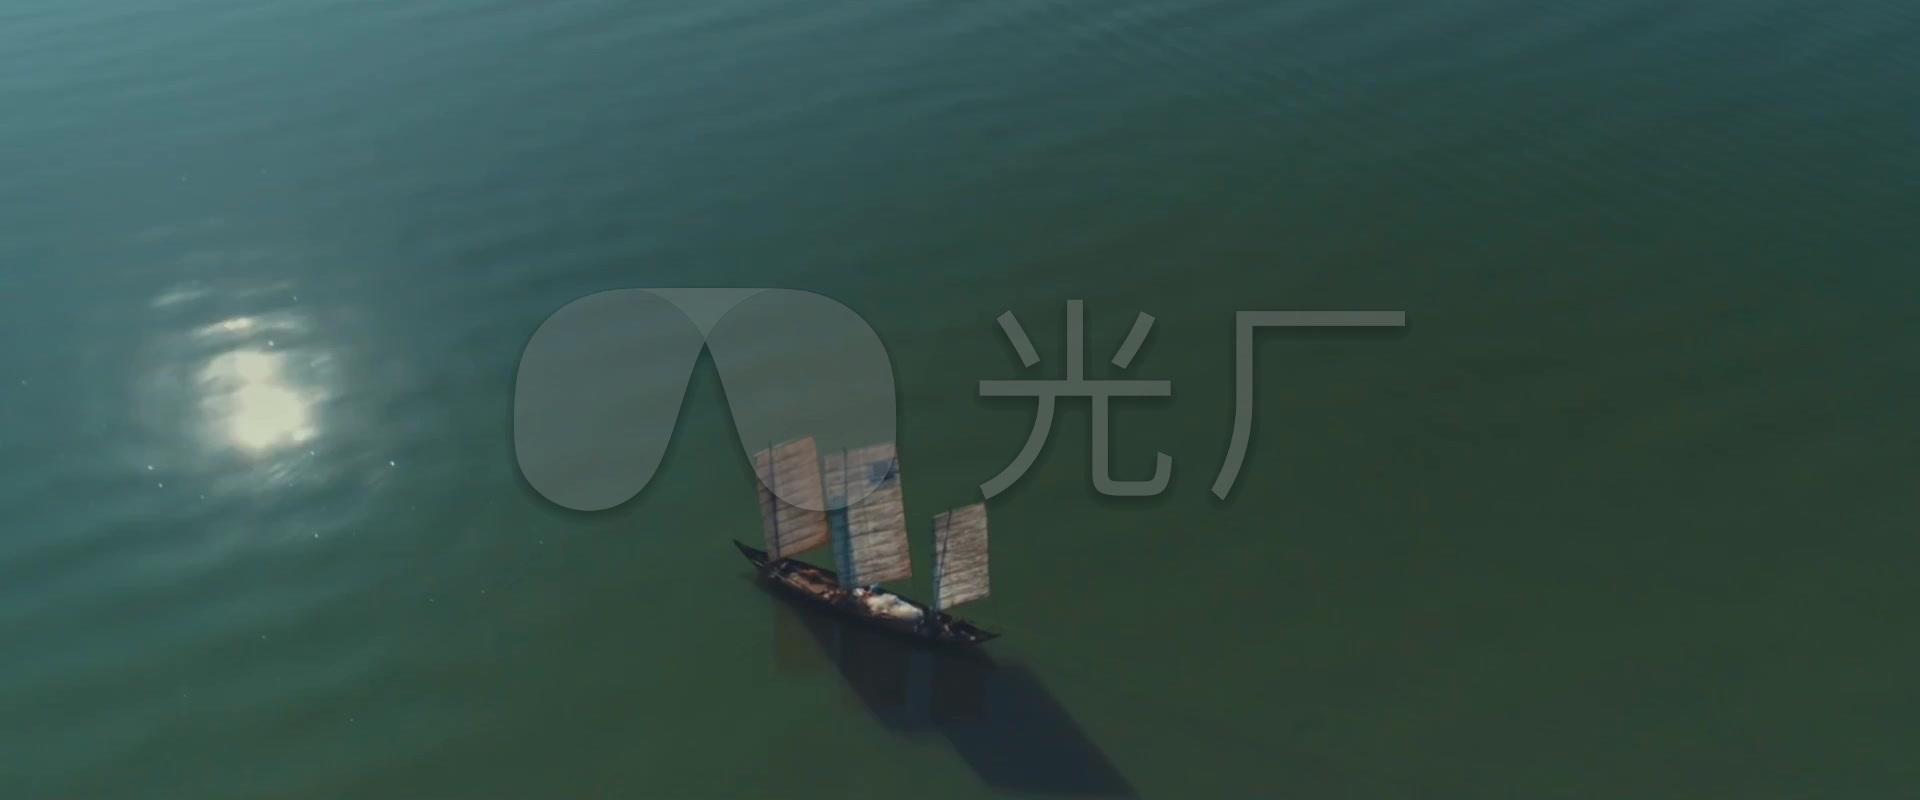 昆明滇池网页视频v网页_1920X800_生态视频素视频js高清图片